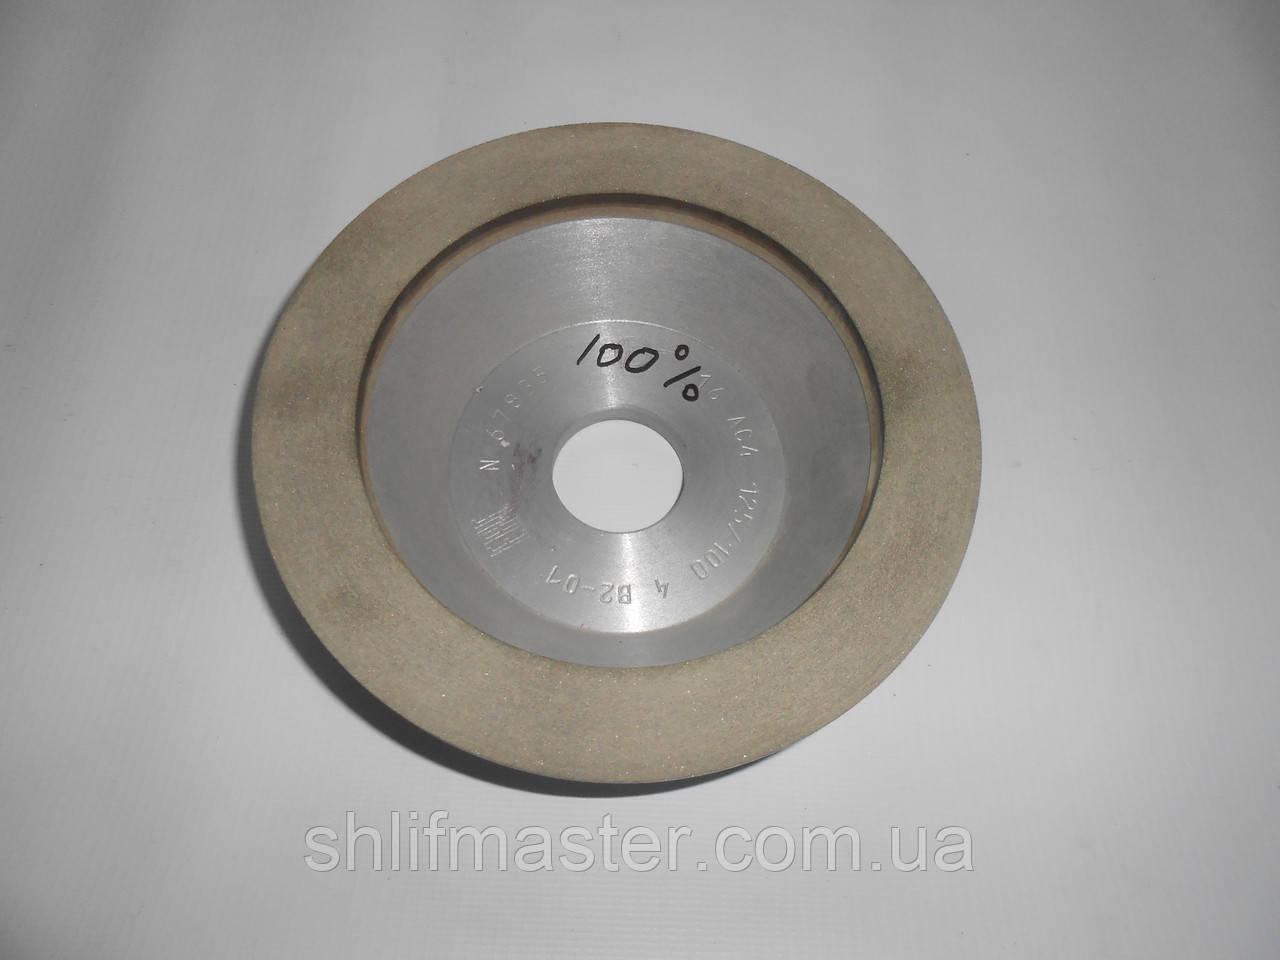 Круг алмазный шлифовальный чашечный 12А2-45 100х10х3х20 100 % зёрна:100/80;125/100;160/125